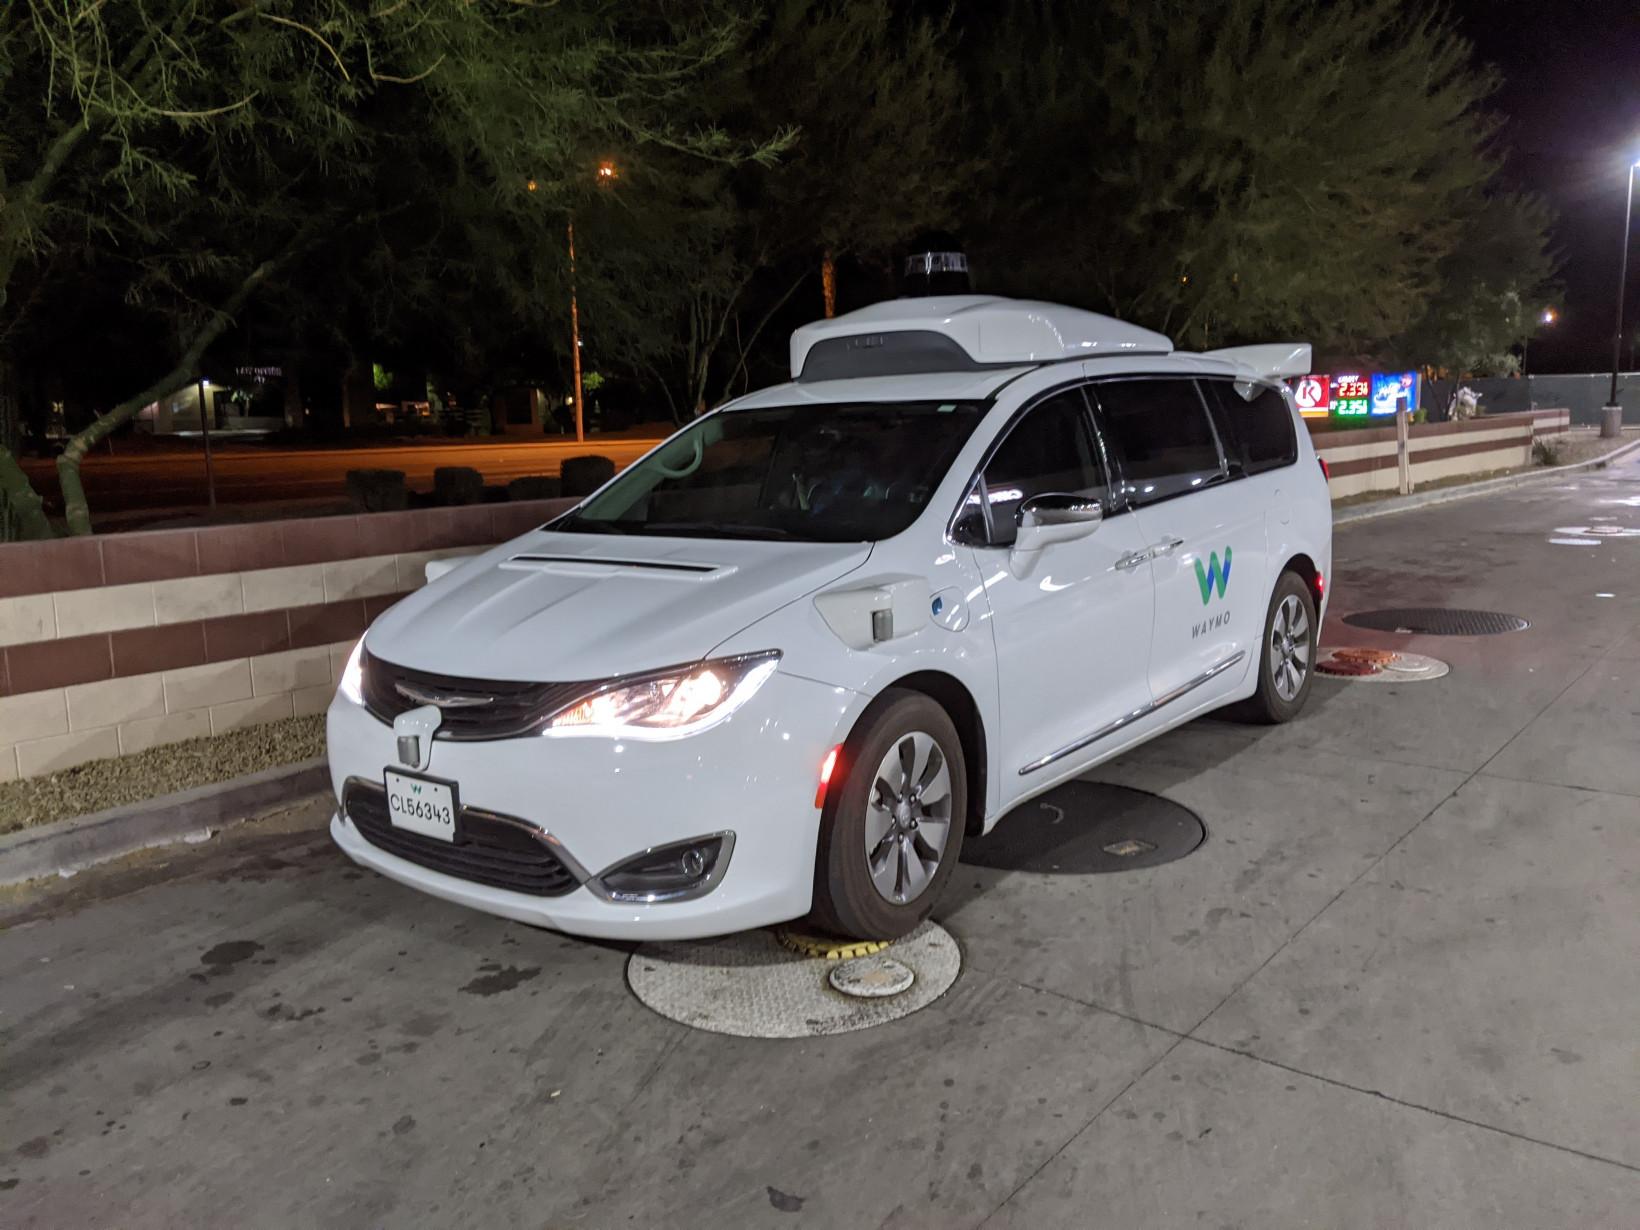 waymo, car, self-driving, future, electric